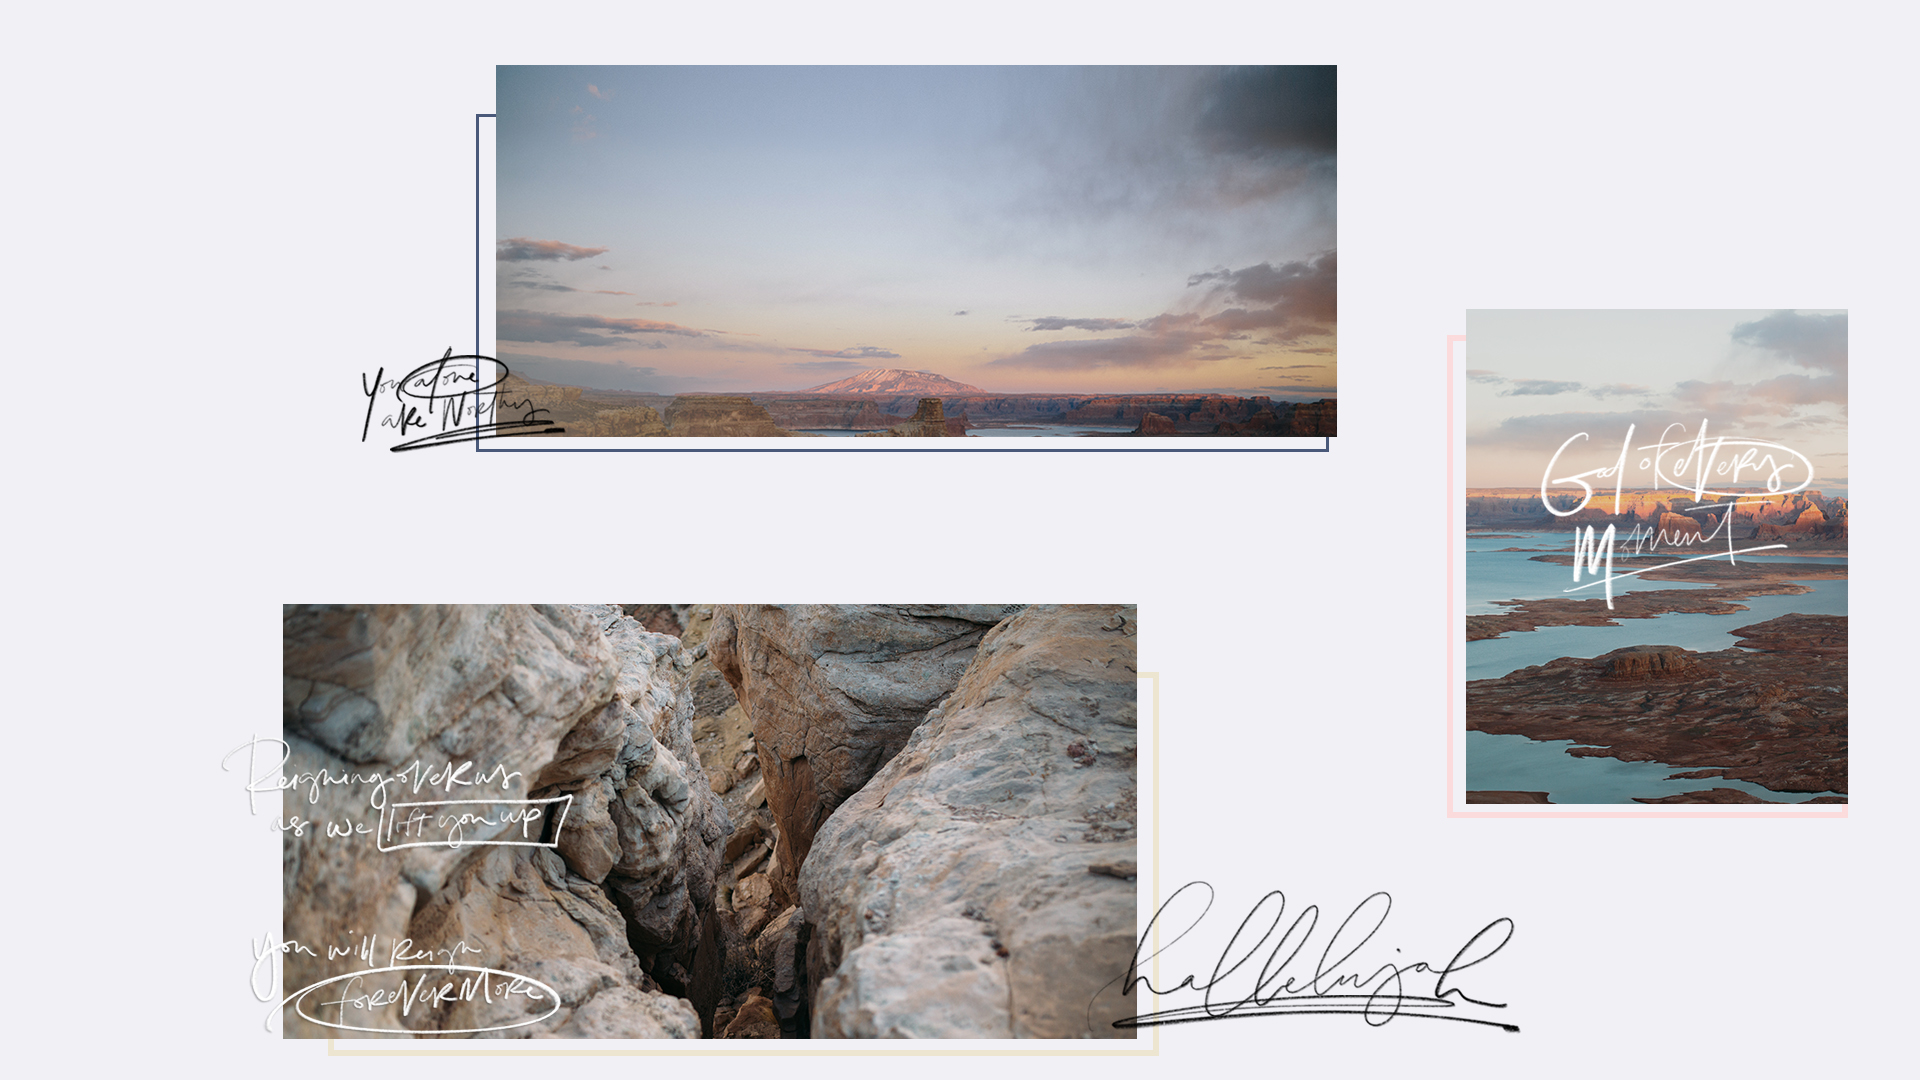 16x9 - Stage Background (JPG)